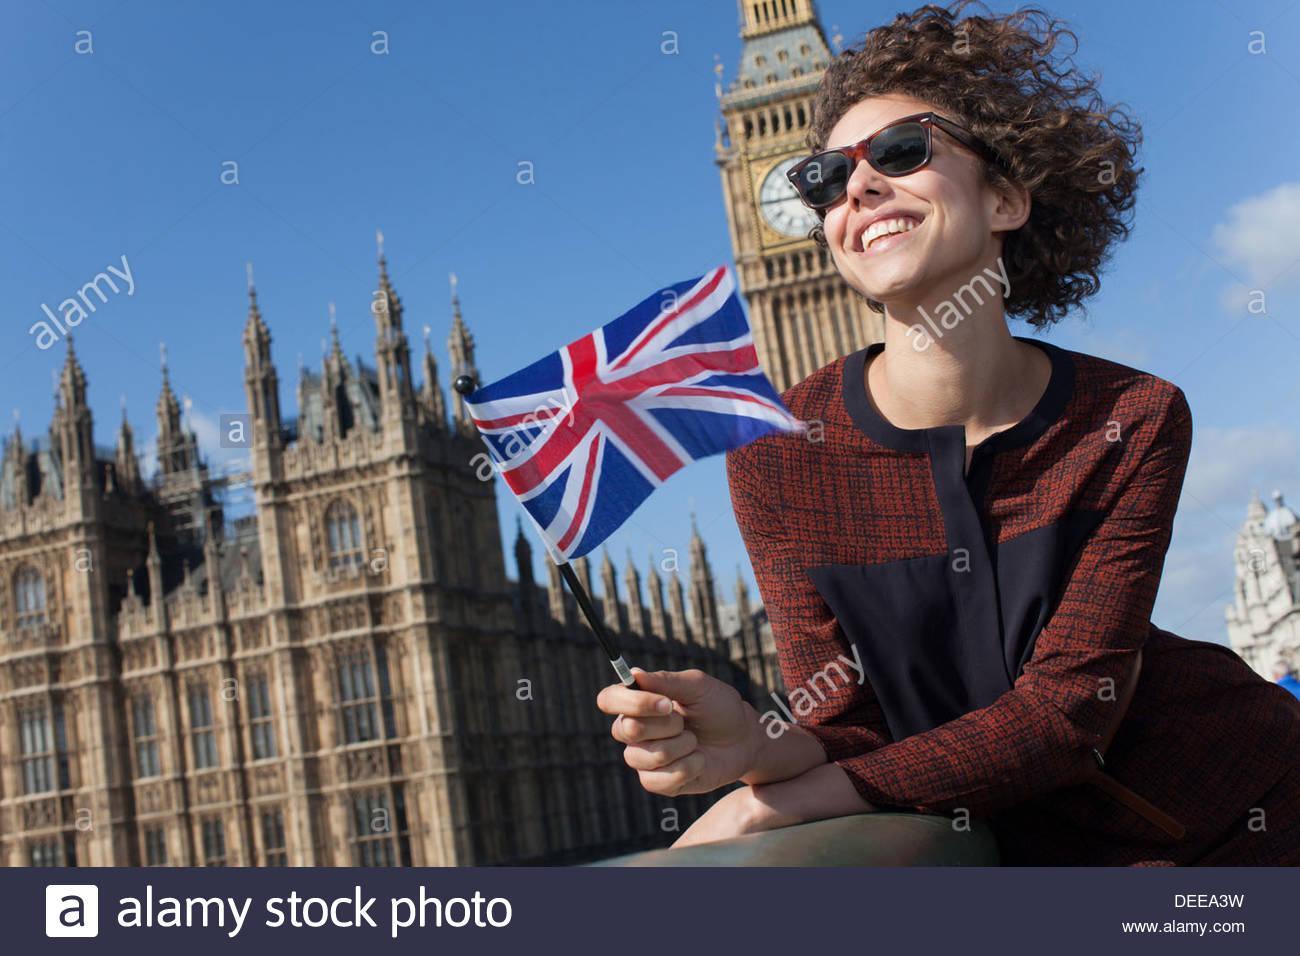 Retrato de mujer sonriente con bandera británica delante del Big Ben clocktower Imagen De Stock